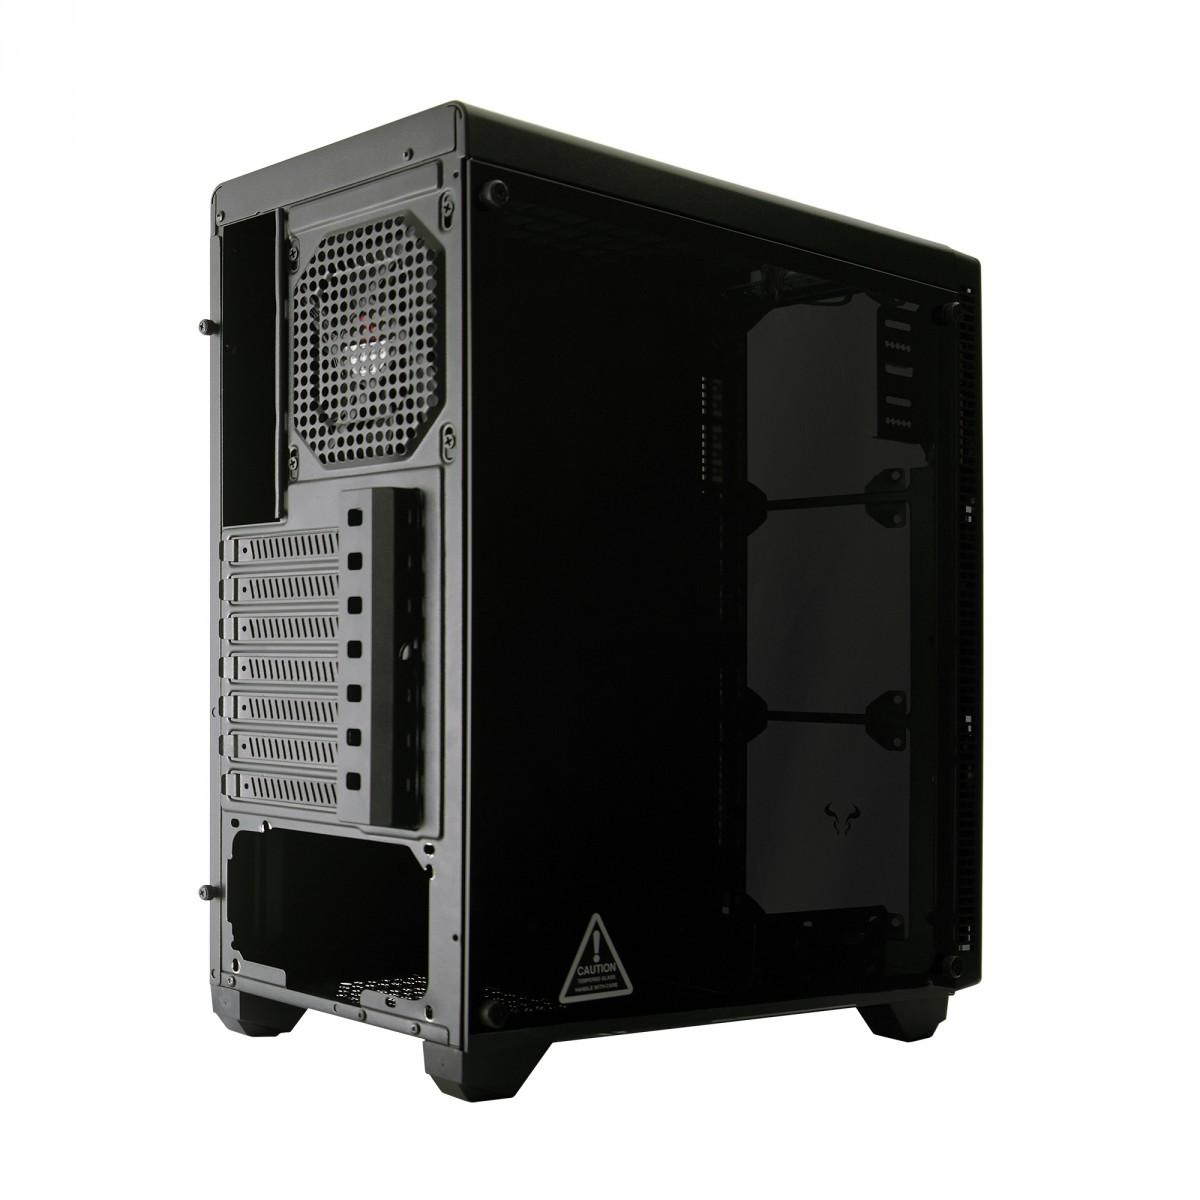 Gabinete Gamer Riotoro CR110TGS RGB, Mid Tower, Vidro Temperado, Black, Sem Fonte, Com 1 Fan